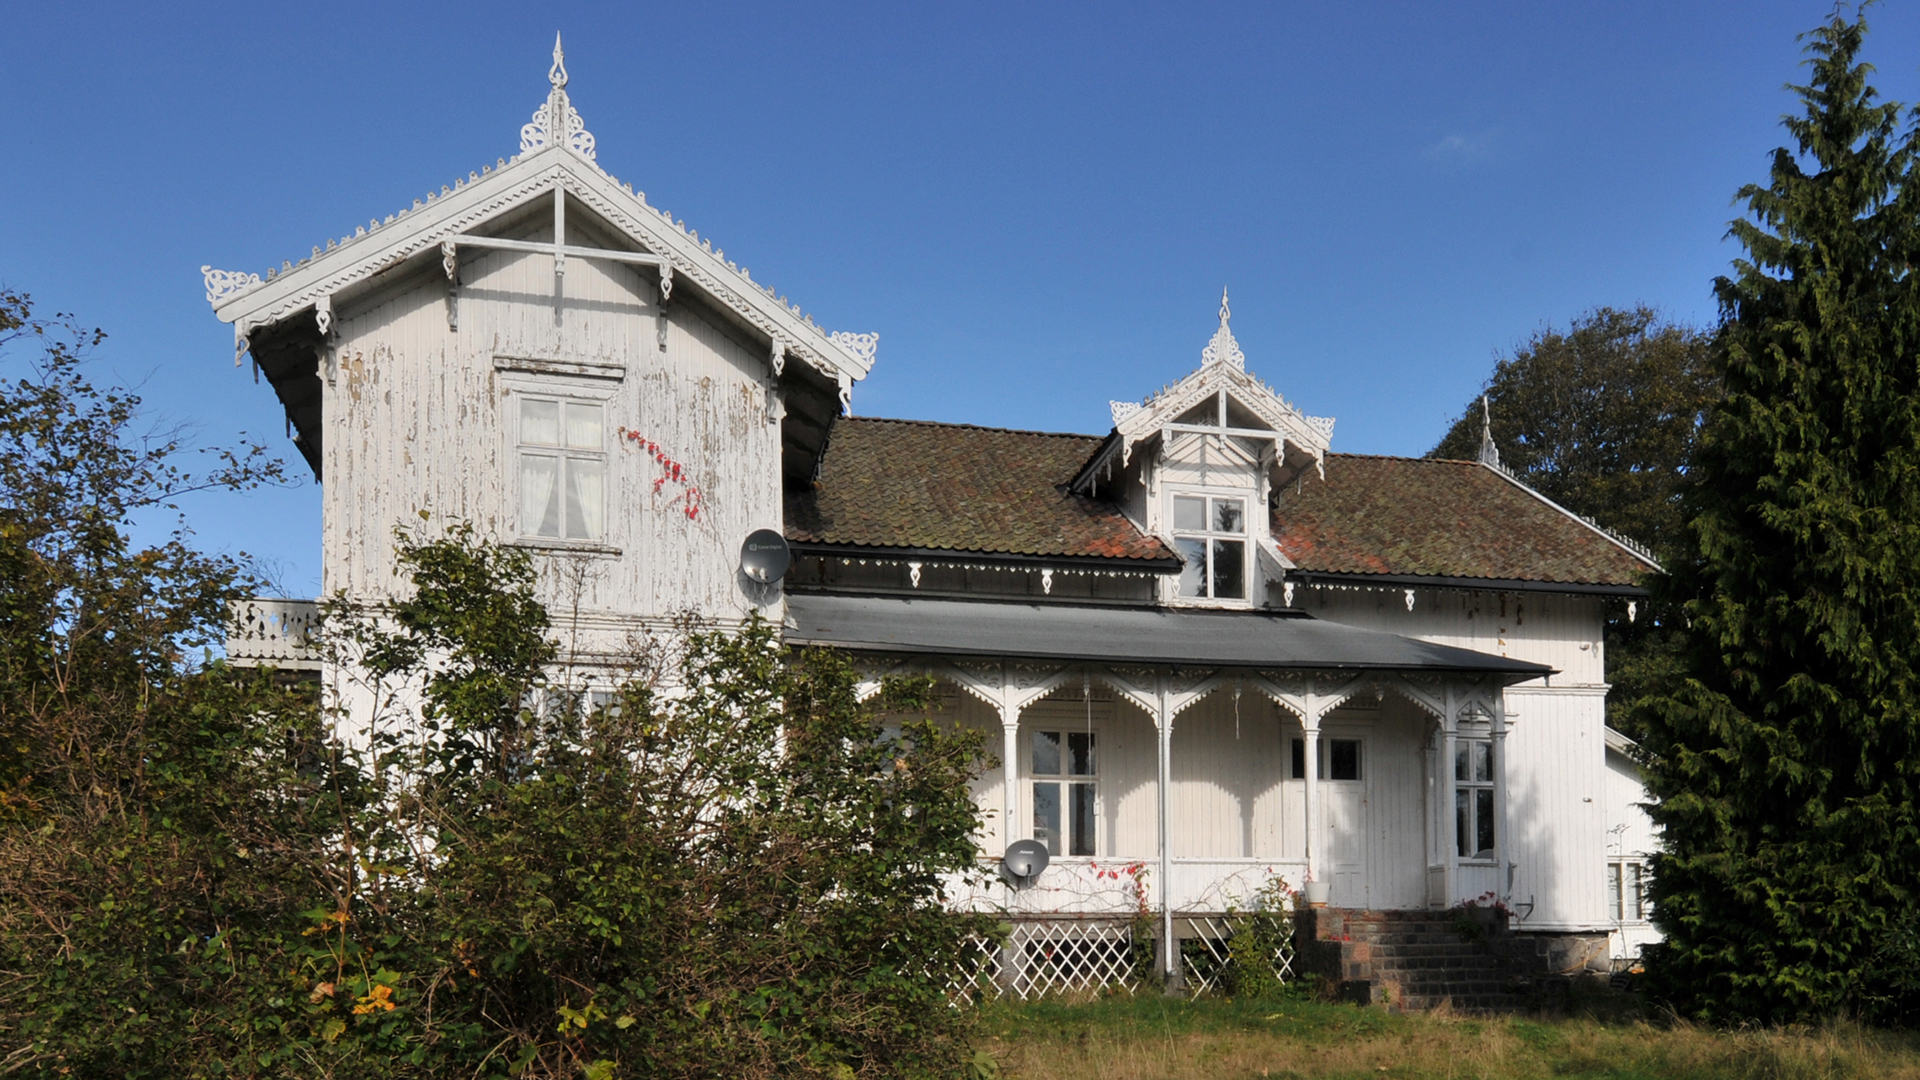 Bilde av Solhaug, en stor løkkebygning i sveitserstil oppført i 1877. Huset er rikt dekorert med vakre utskjæringer i tre. Foto: